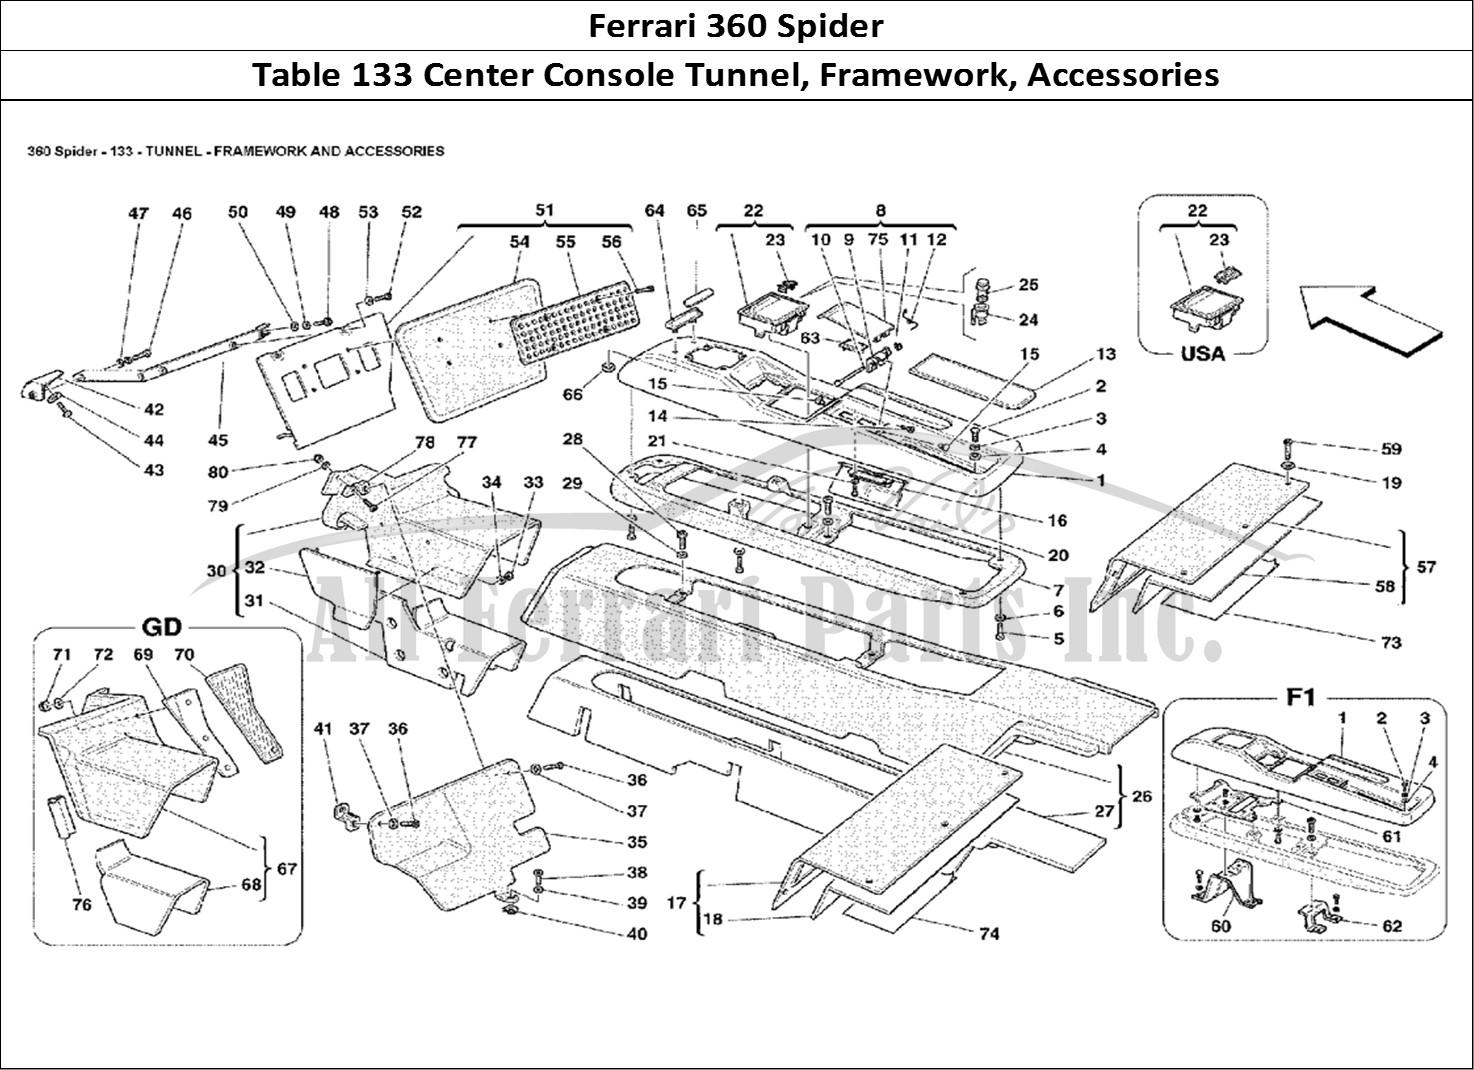 Buy Original Ferrari 360 Spider 133 Center Console Tunnel